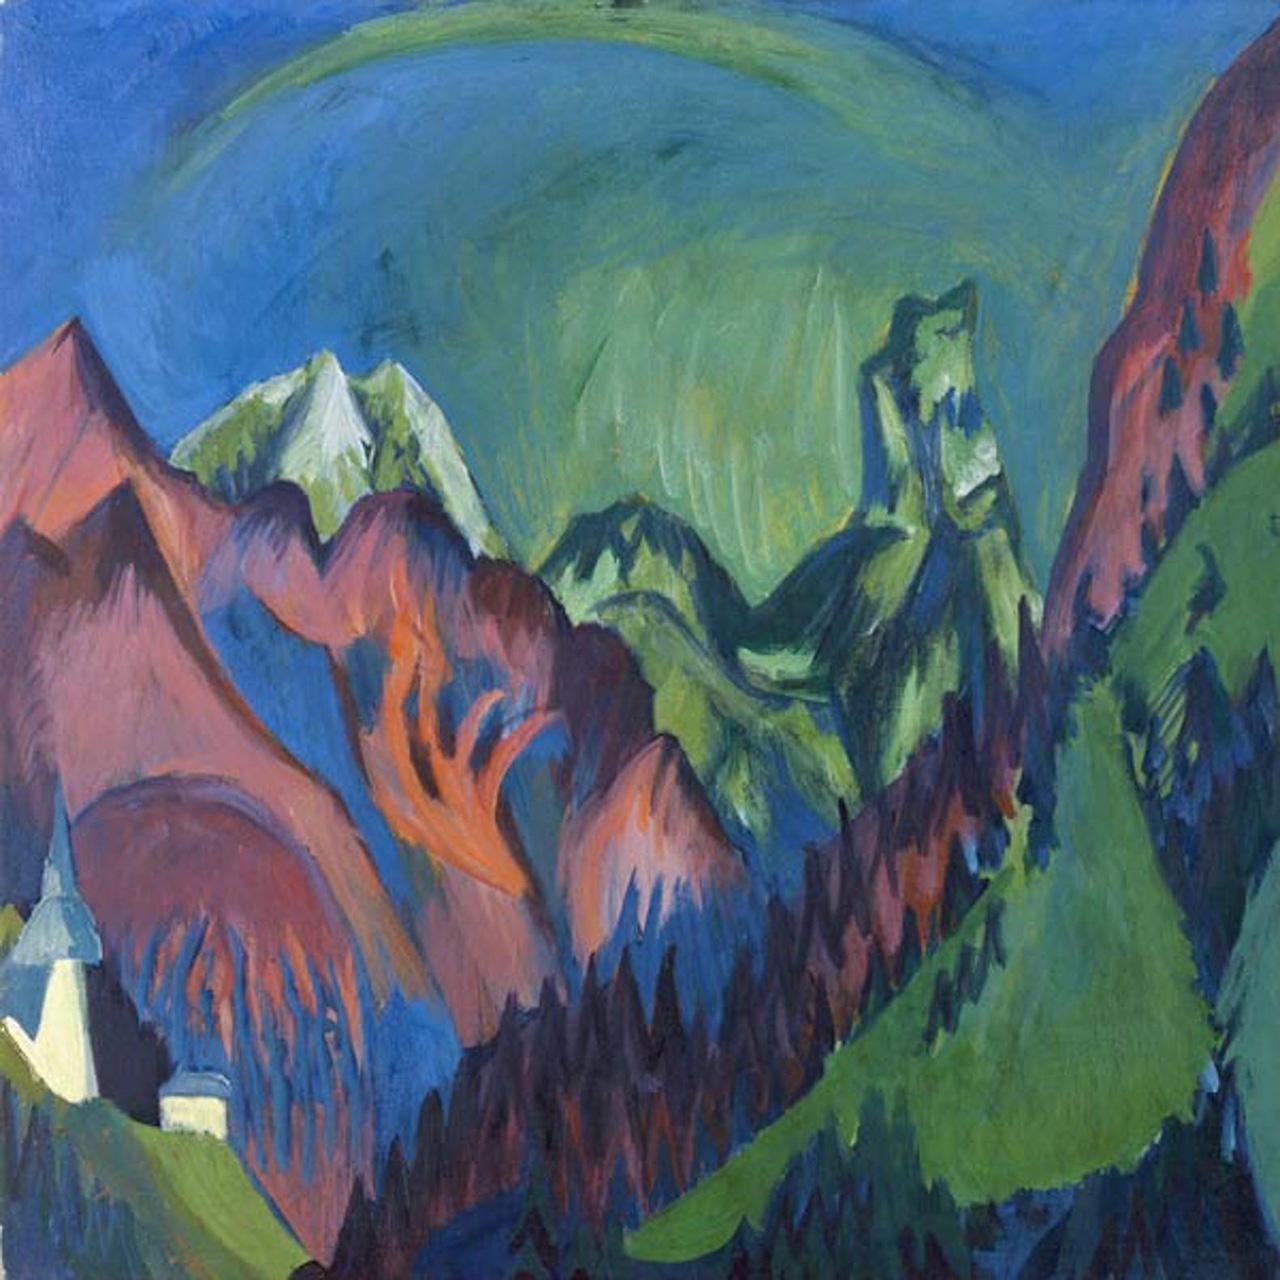 Ernst-Luwdig-Kirchner-Painting-Tinzenhorn-Zügen-Gorge-near-Monstein